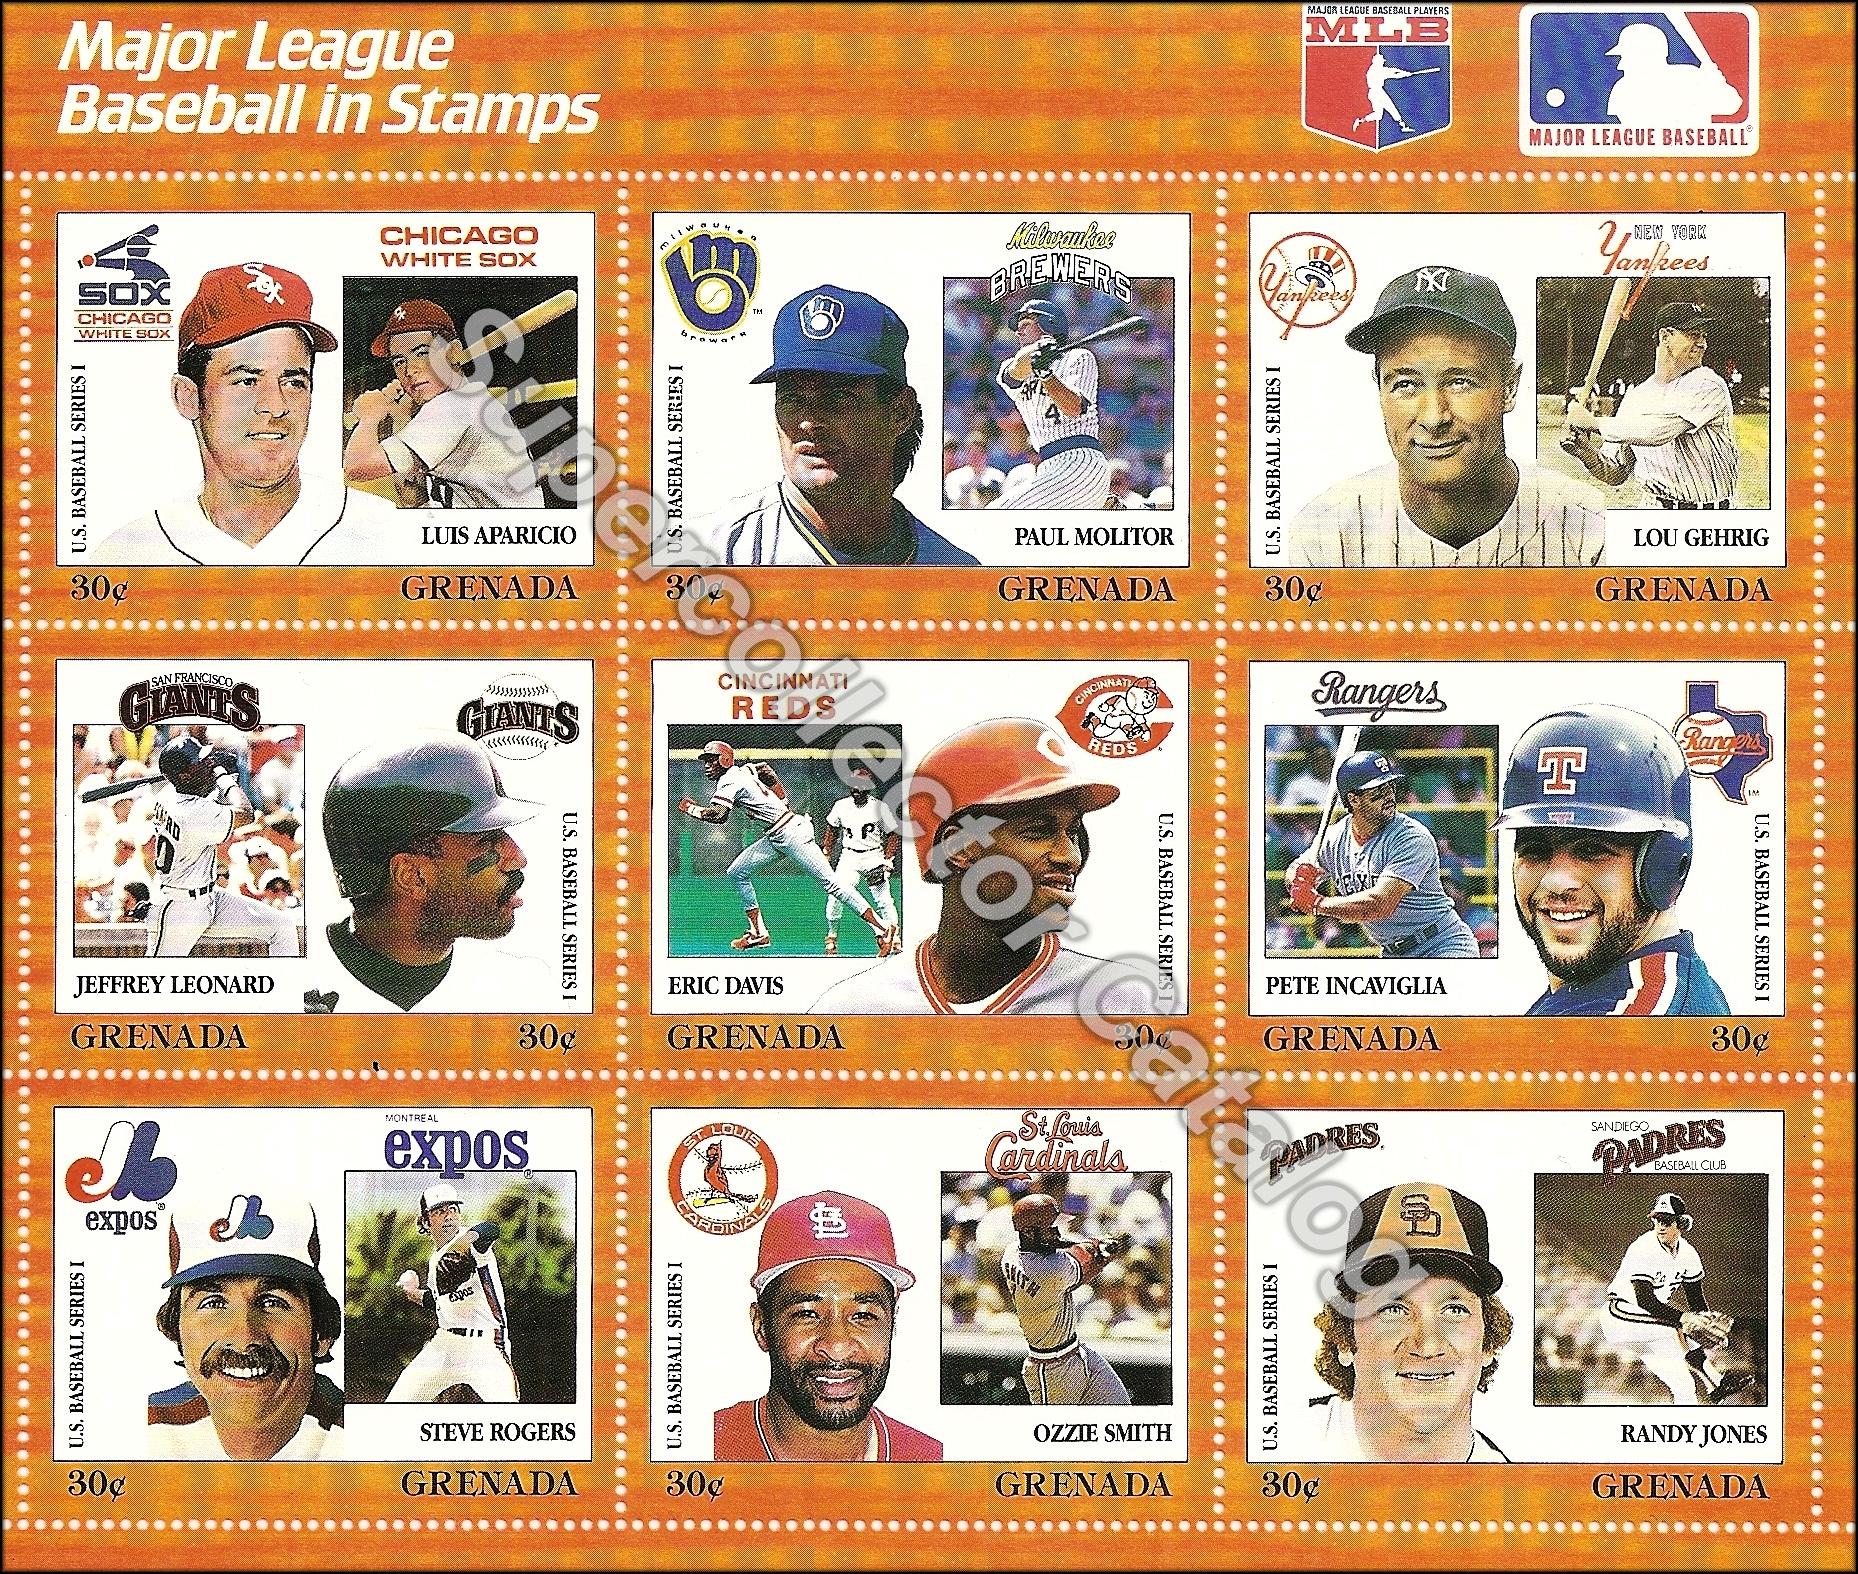 1988 Grenada Stamp Sheet